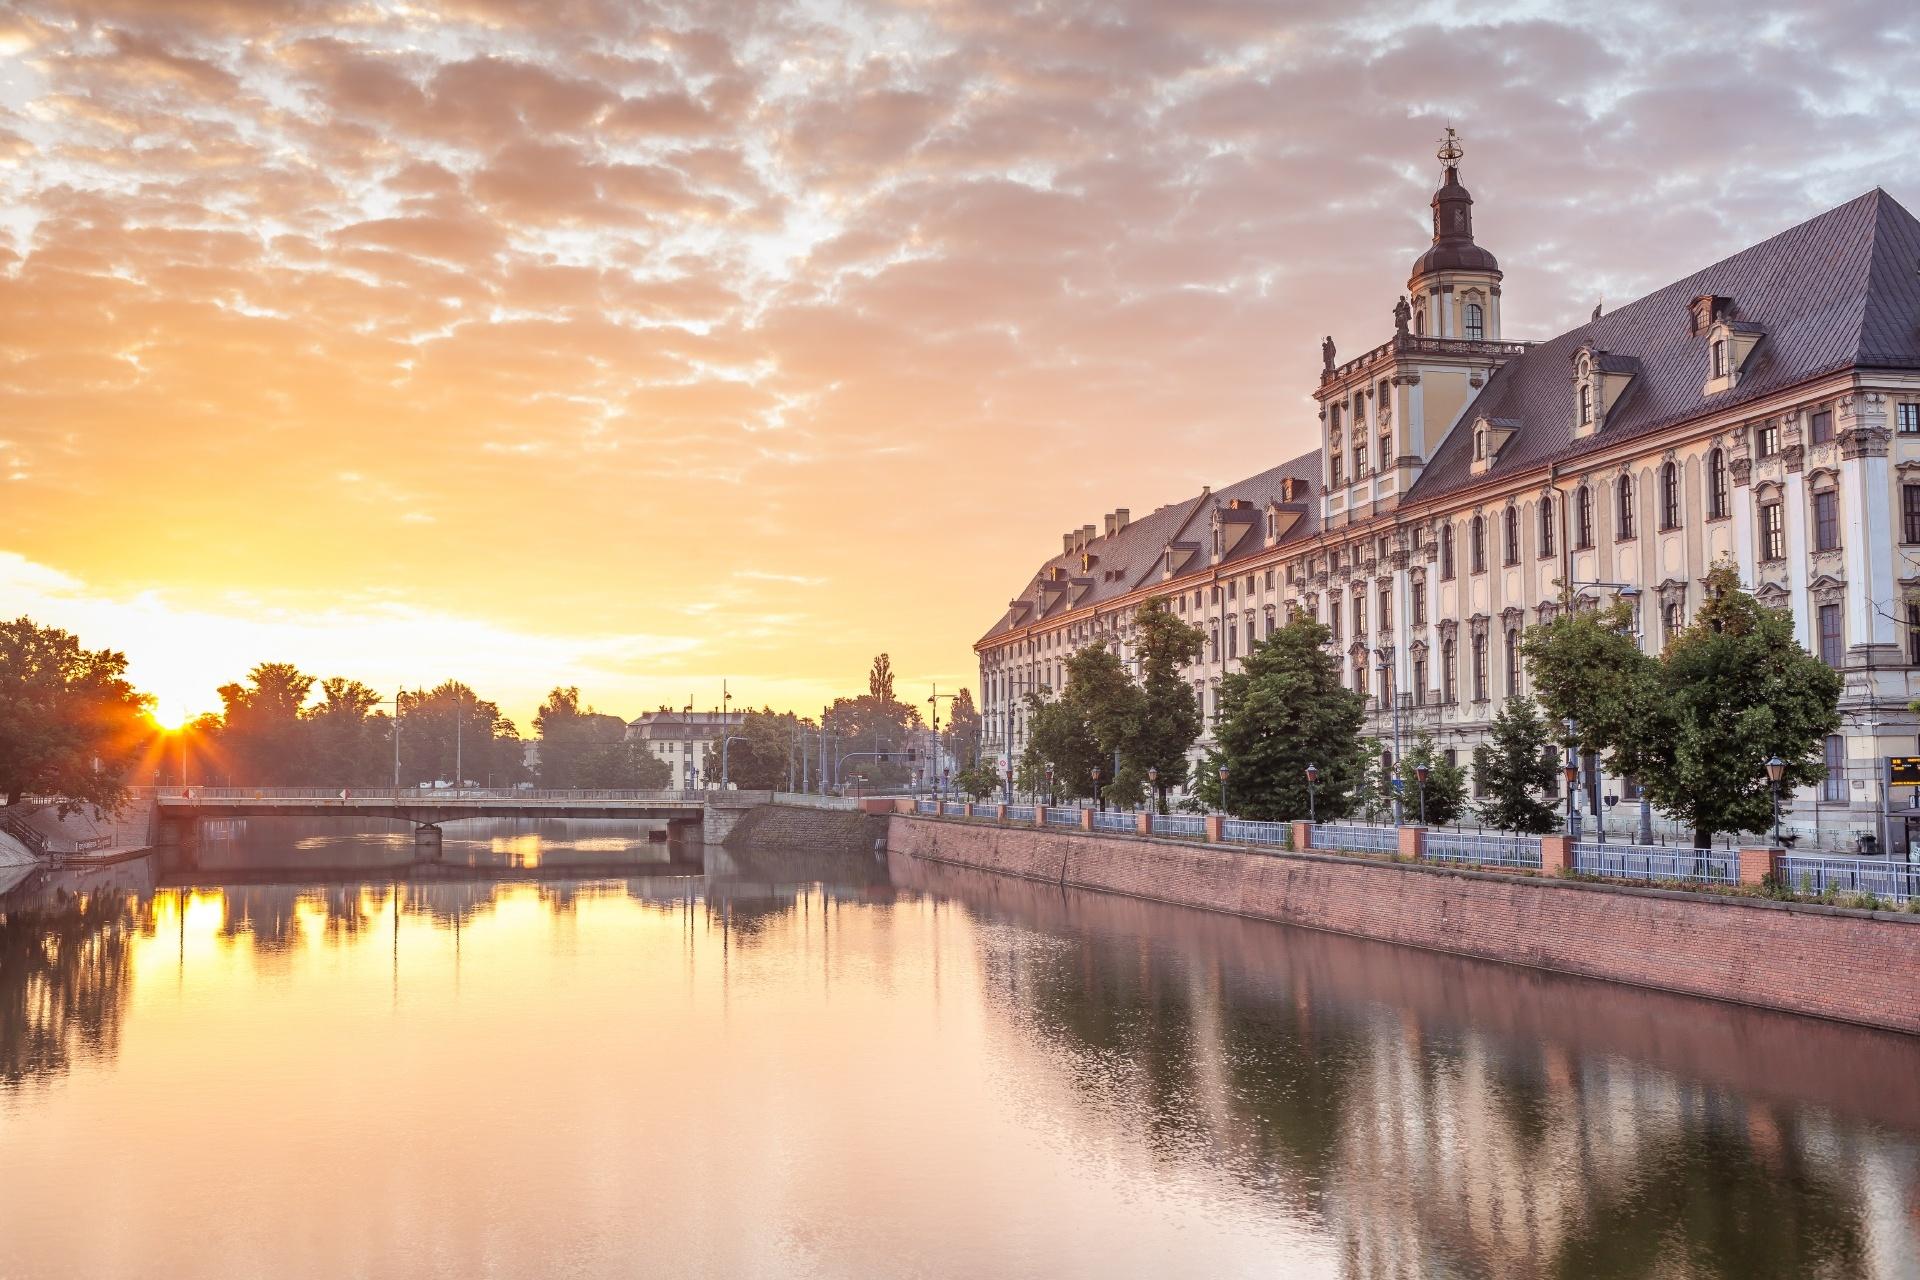 ポーランド ヴロツワフの日の出の風景